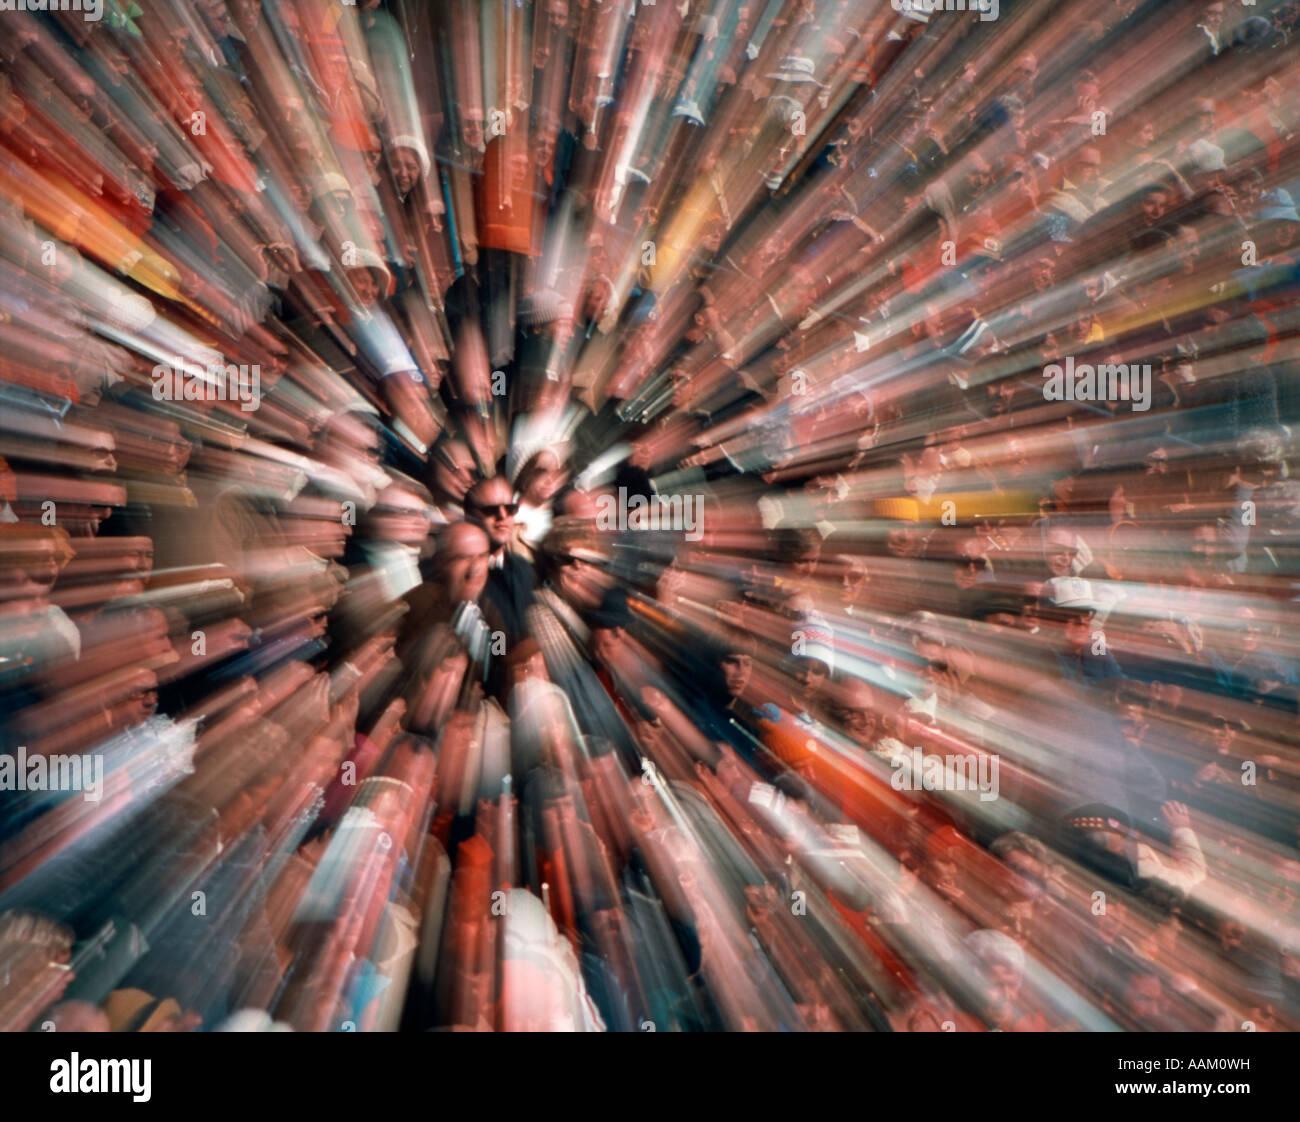 Étrange foule HORS FOCUS DYNAMIC Photo Stock